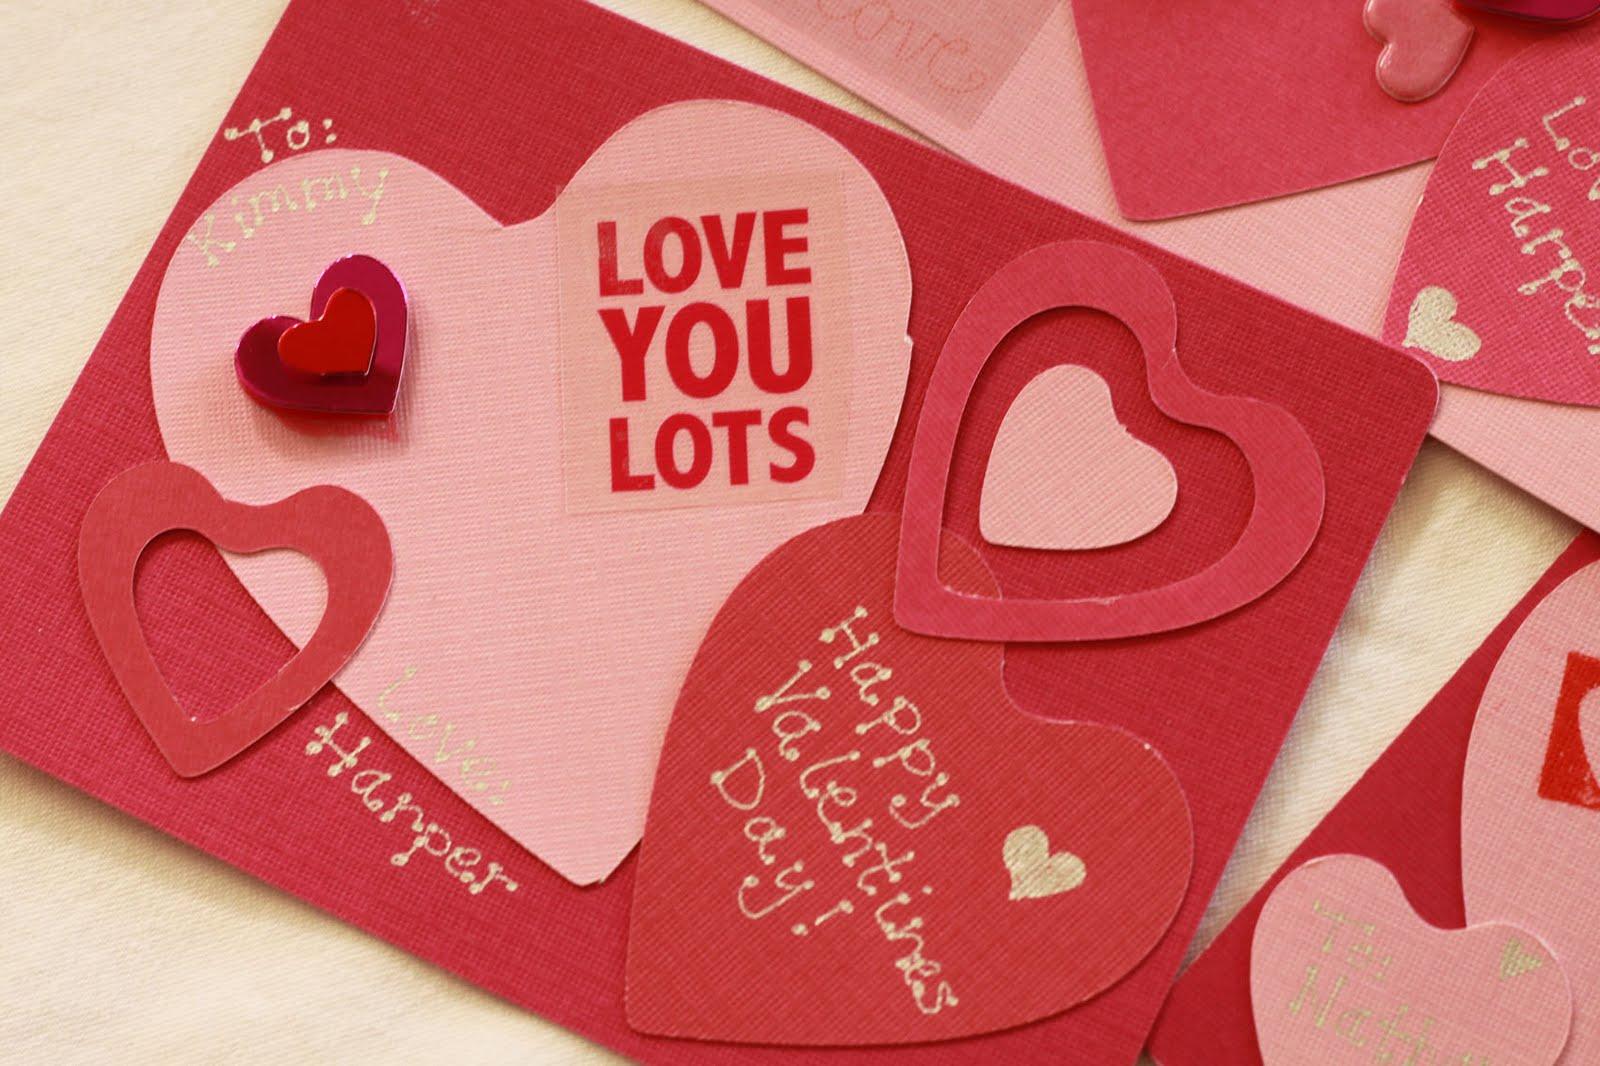 http://4.bp.blogspot.com/-3gz0HWl0OLE/TVYVXJ4vDSI/AAAAAAAAAEw/c5FG49ktKZI/s1600/Valentines%2B2011%2B-%2B5.jpg